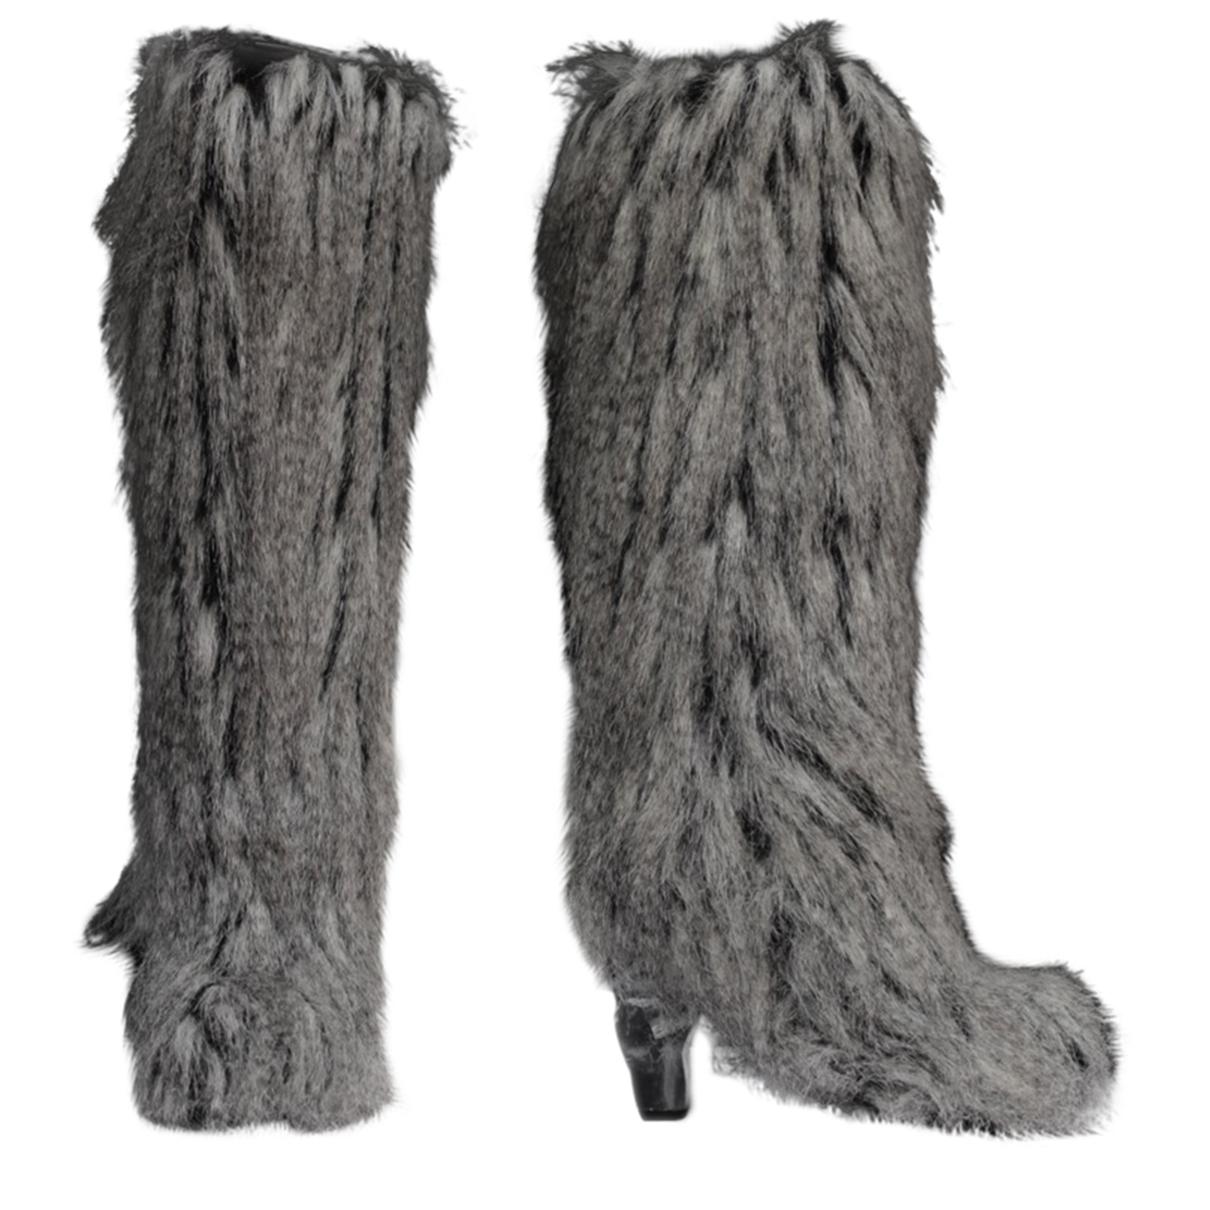 Chanel - Bottes   pour femme en fourrure synthetique - gris